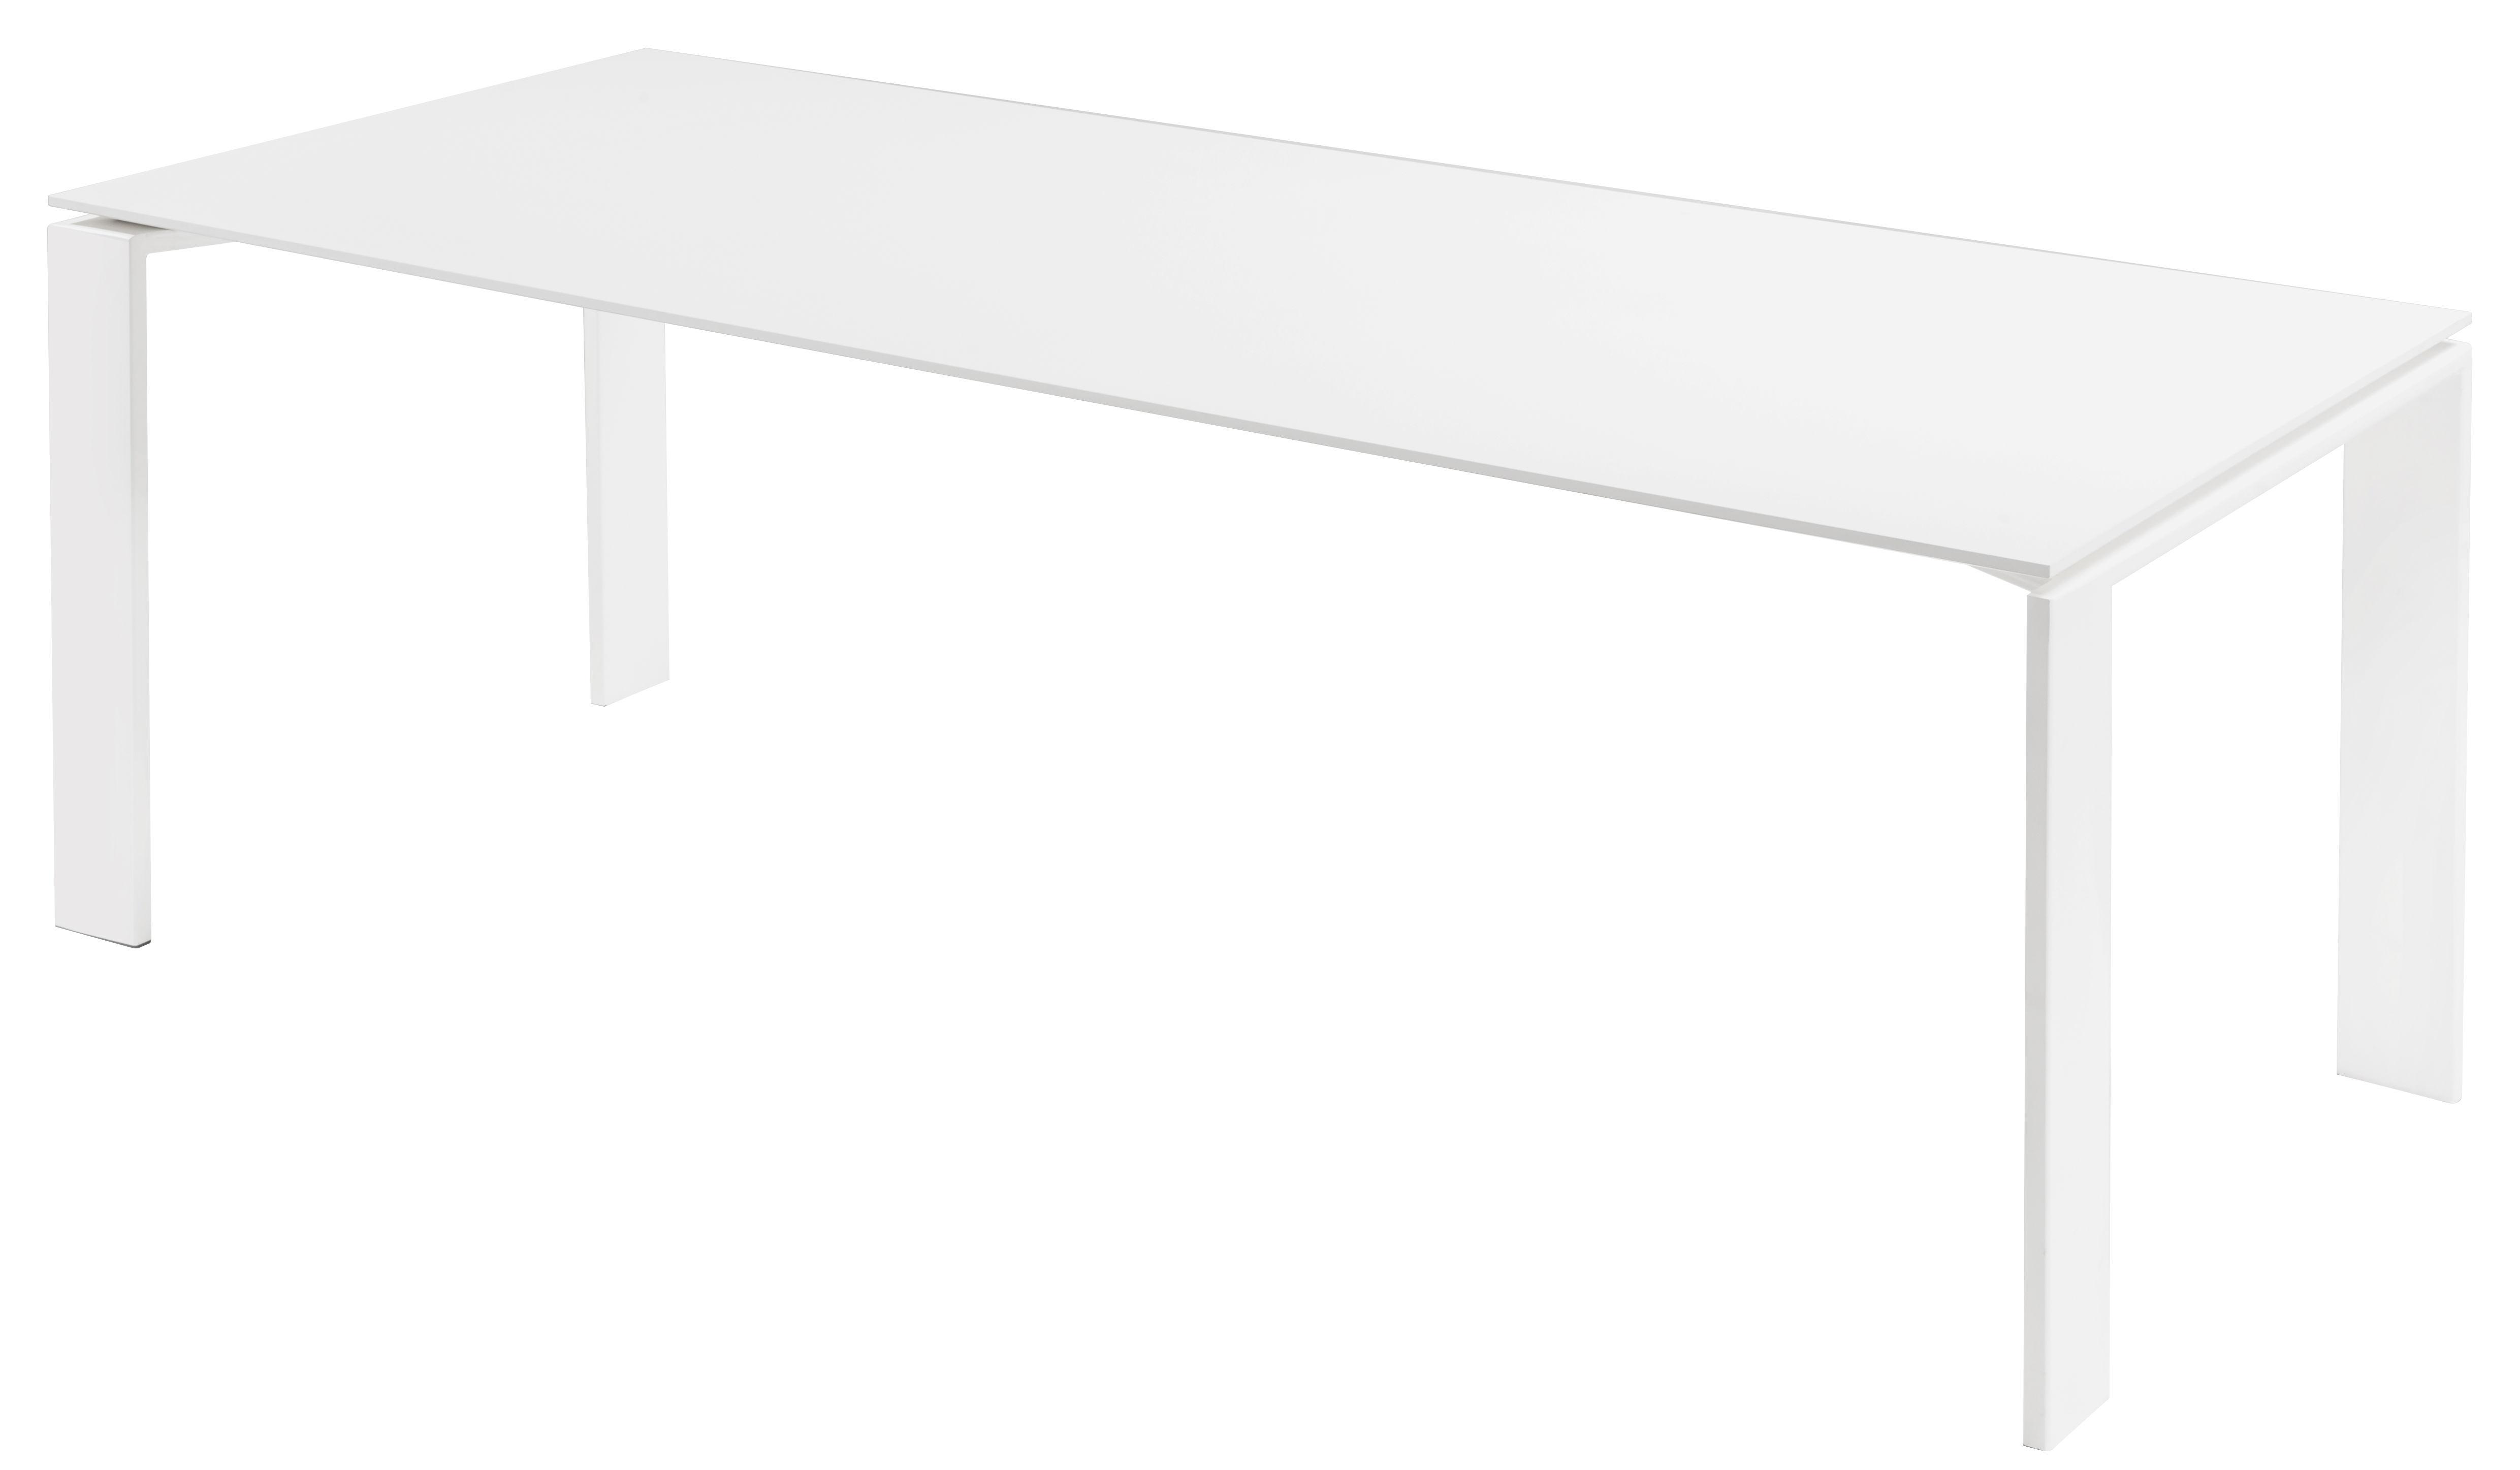 Outdoor - Tische - Four Outdoor rechteckiger Tisch / L 190 cm - Kartell - L 190 cm / Weiß - gefirnister Stahl